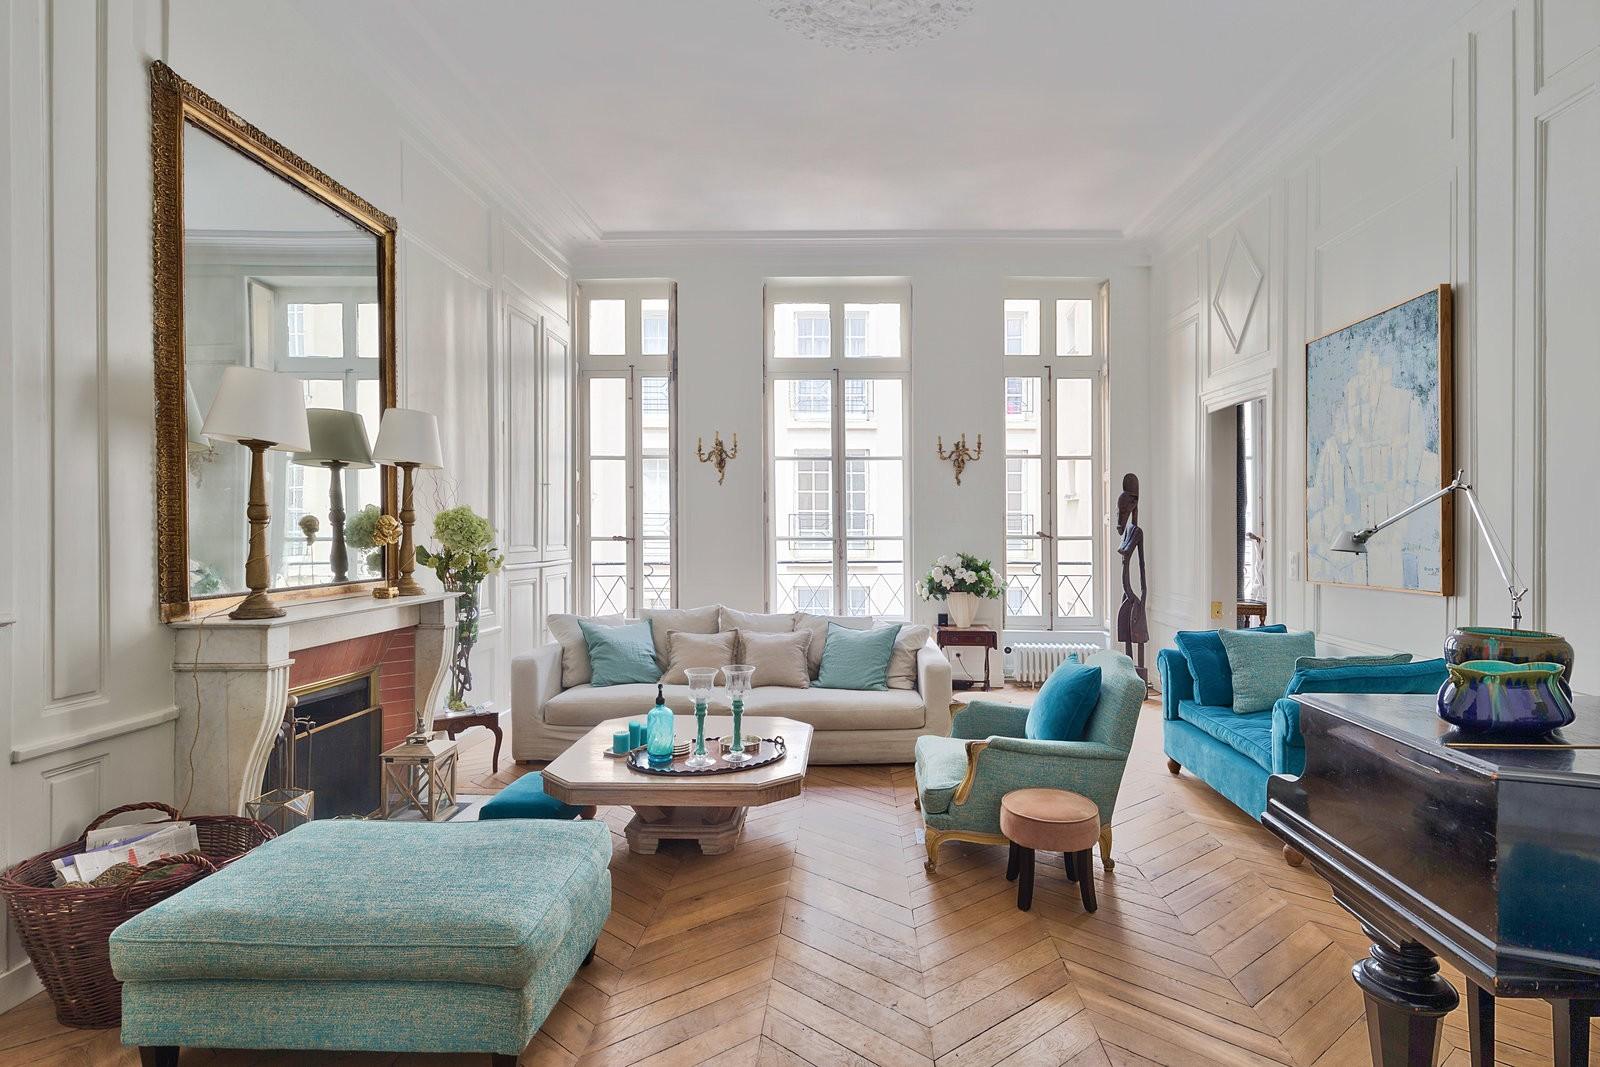 Grand salon rectangulaire, peint de blanc avec du parquet au sol. il y a un grand miroir orné de dorure placé au dessus de la cheminée. les canapés sont bleue ciel placé autour d'une table basse.